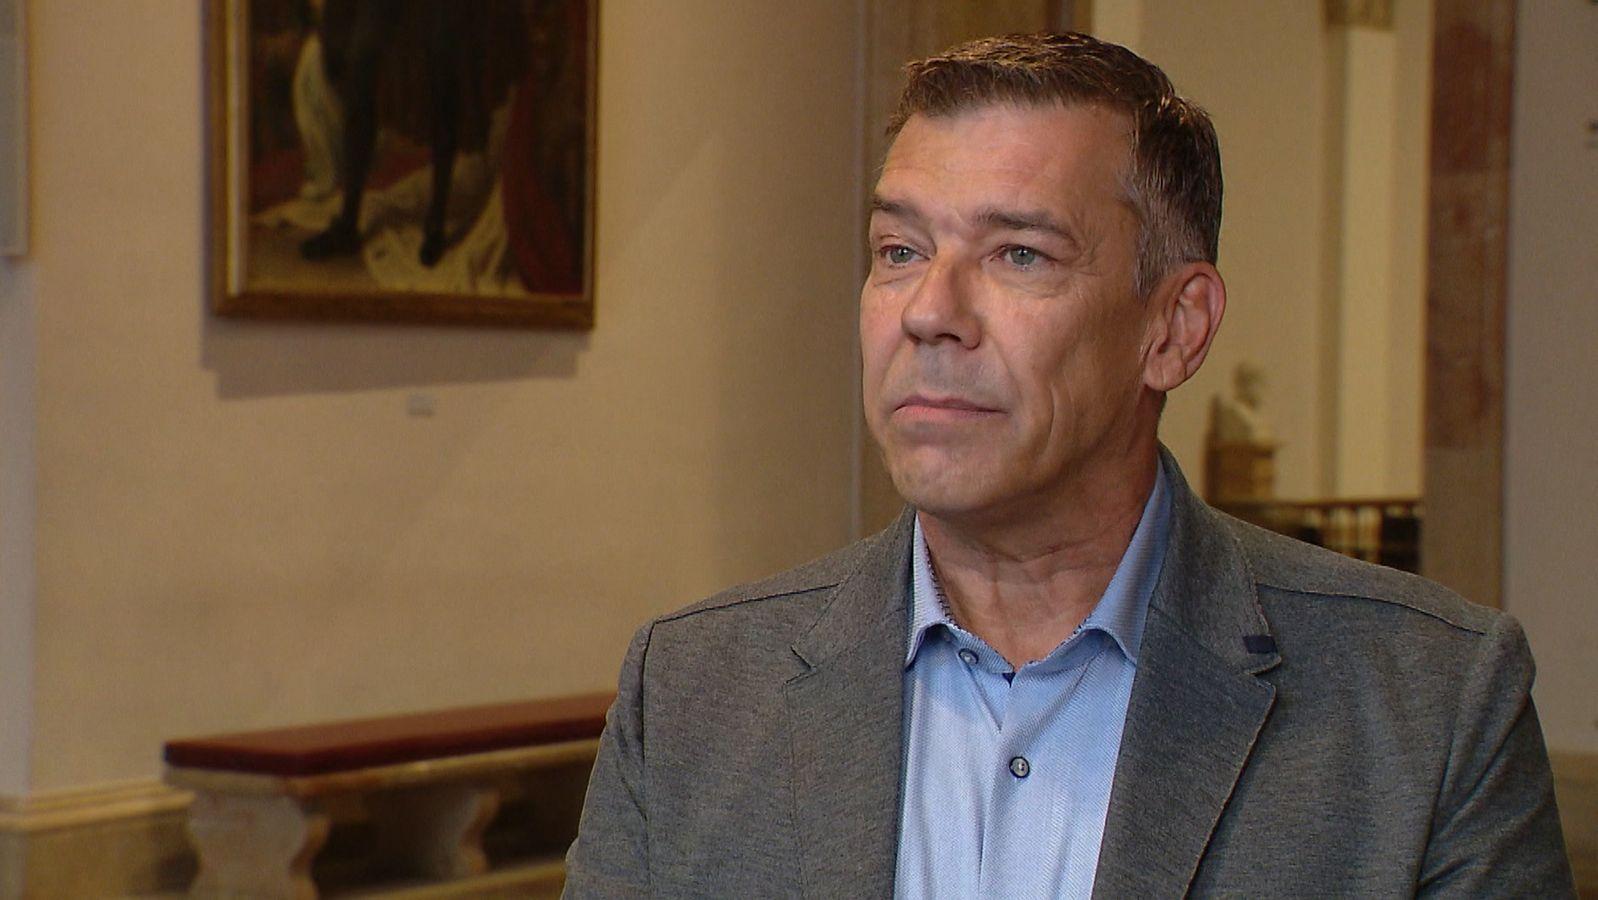 Anklage gegen AfD-Landtagsabgeordneten Richard Graupner erhoben